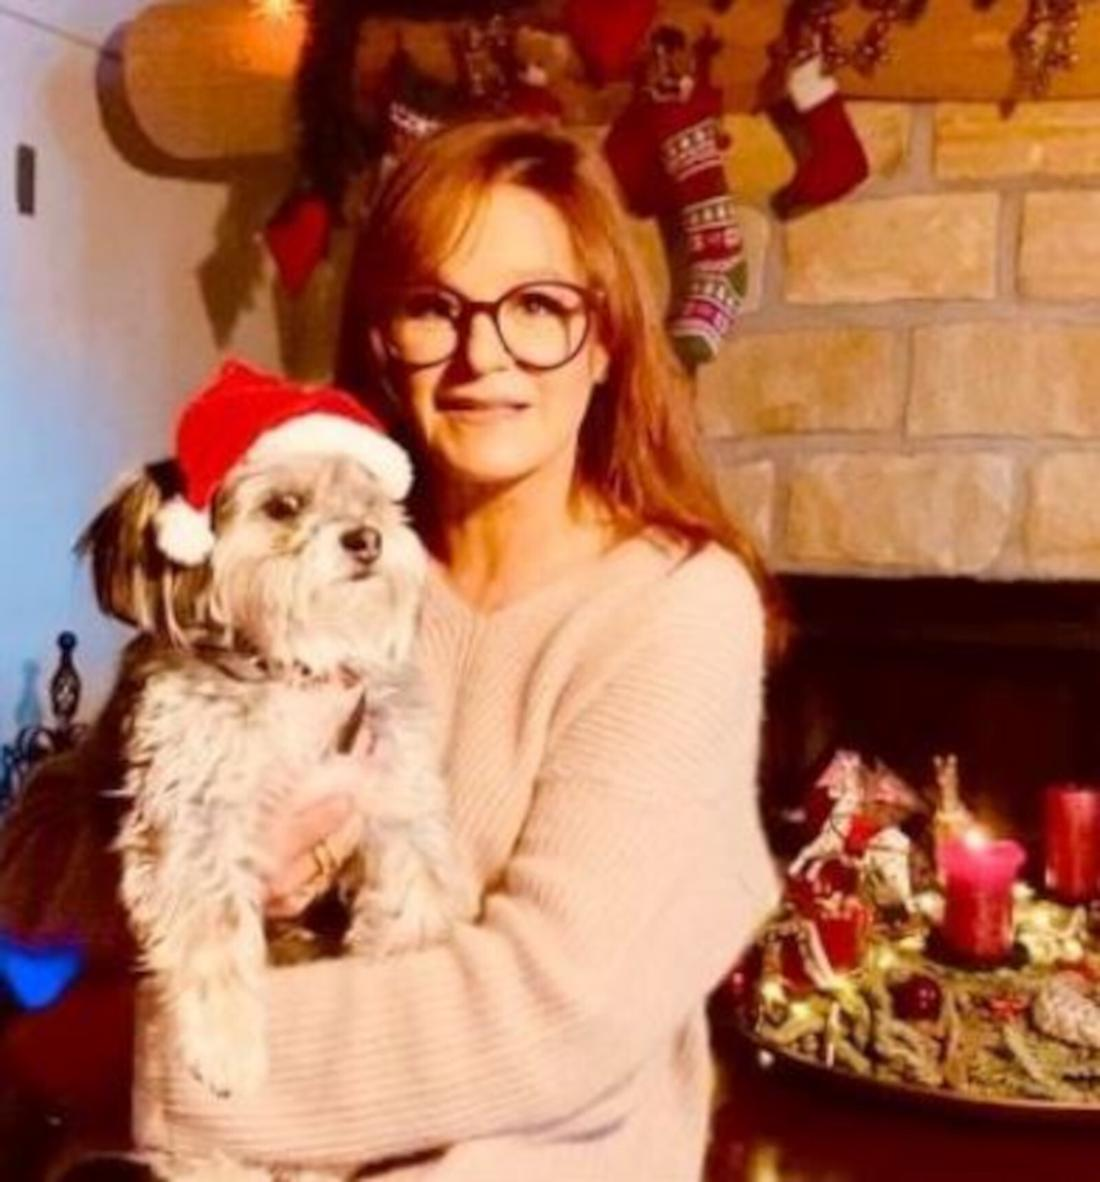 Andrea Berg steht vor einem Kamin mit ihrem Hund auf dem Arm, der eine Weihnachtsmütze trägt